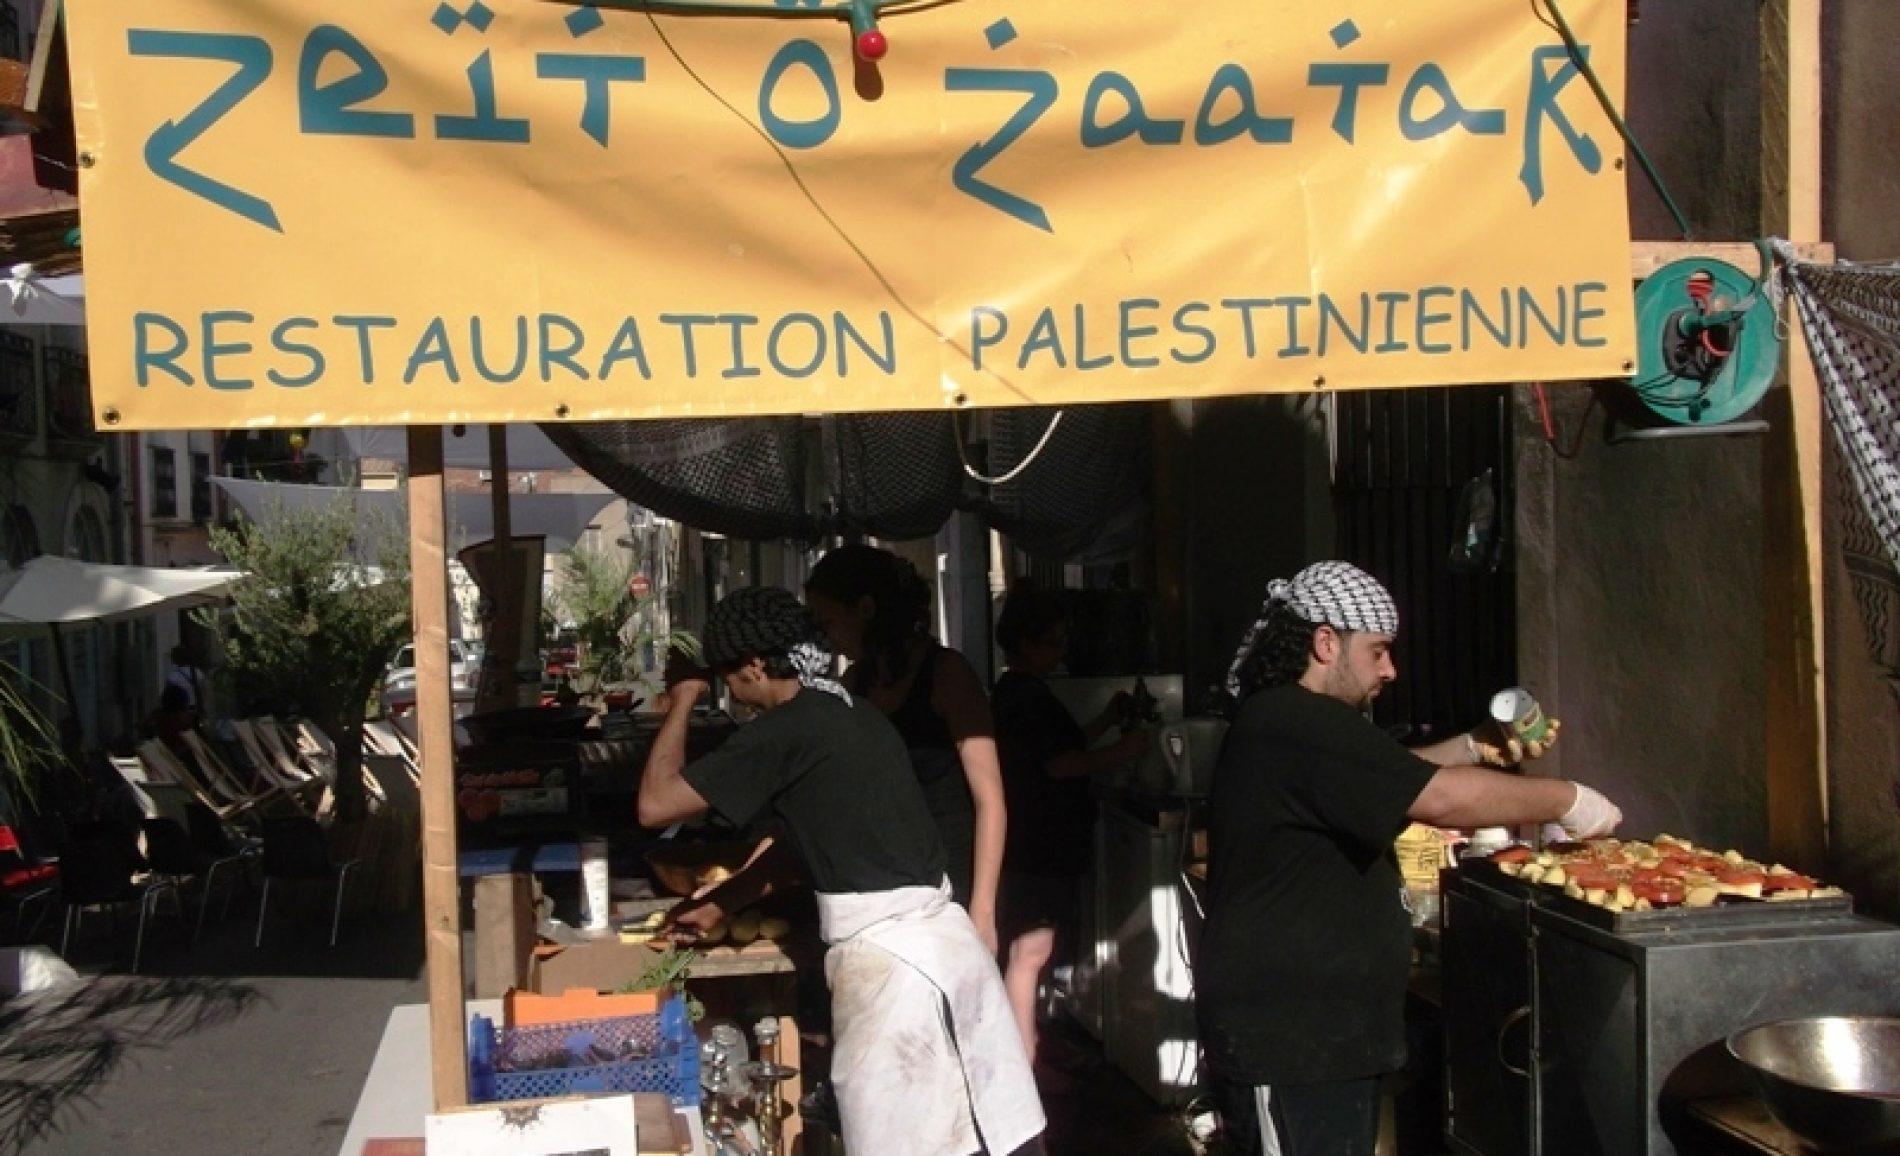 Zeit O' Za'atar à la fête de l'Huma 2012